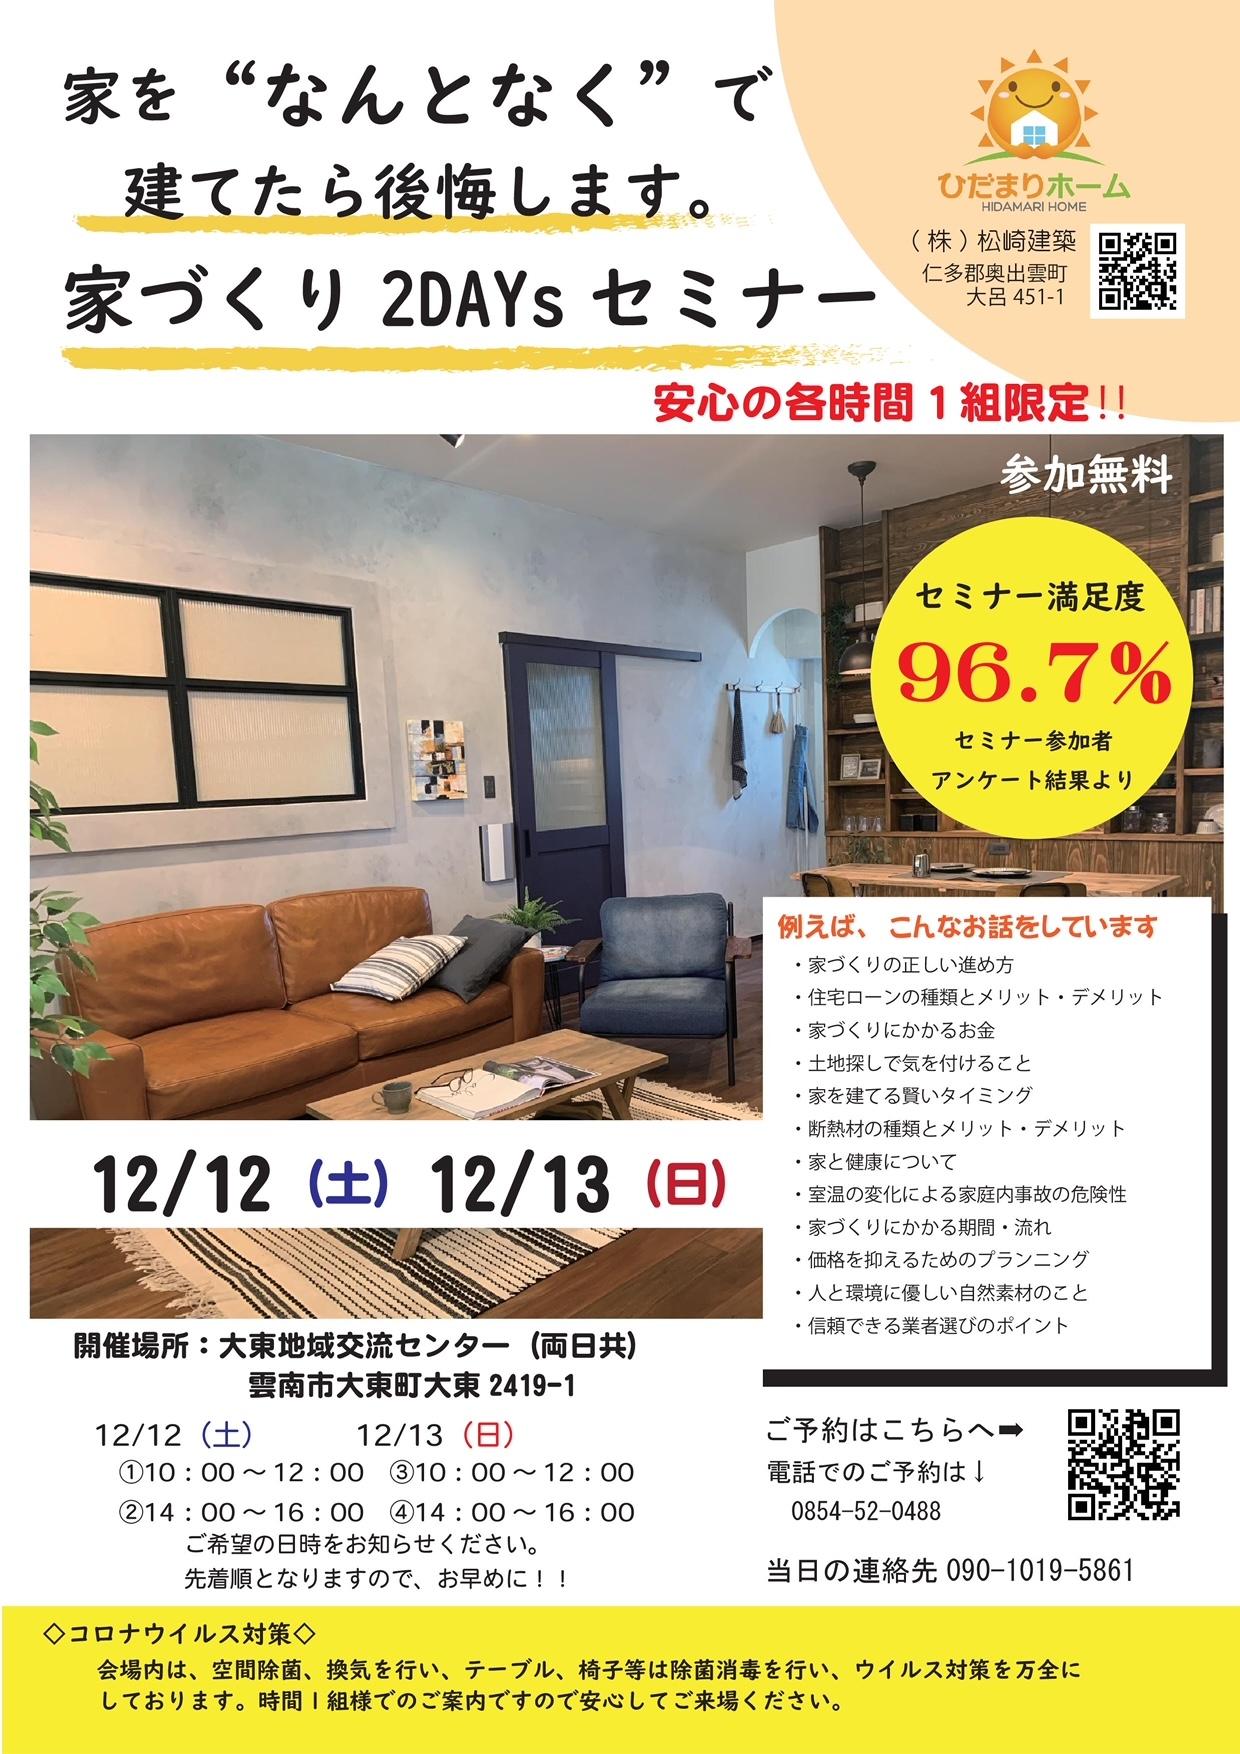 https://www.matsuzaki-k.jp/diaryblog/3a7a3fc4fce4717e8e62fe68448ee6bab0cf3df4.JPG